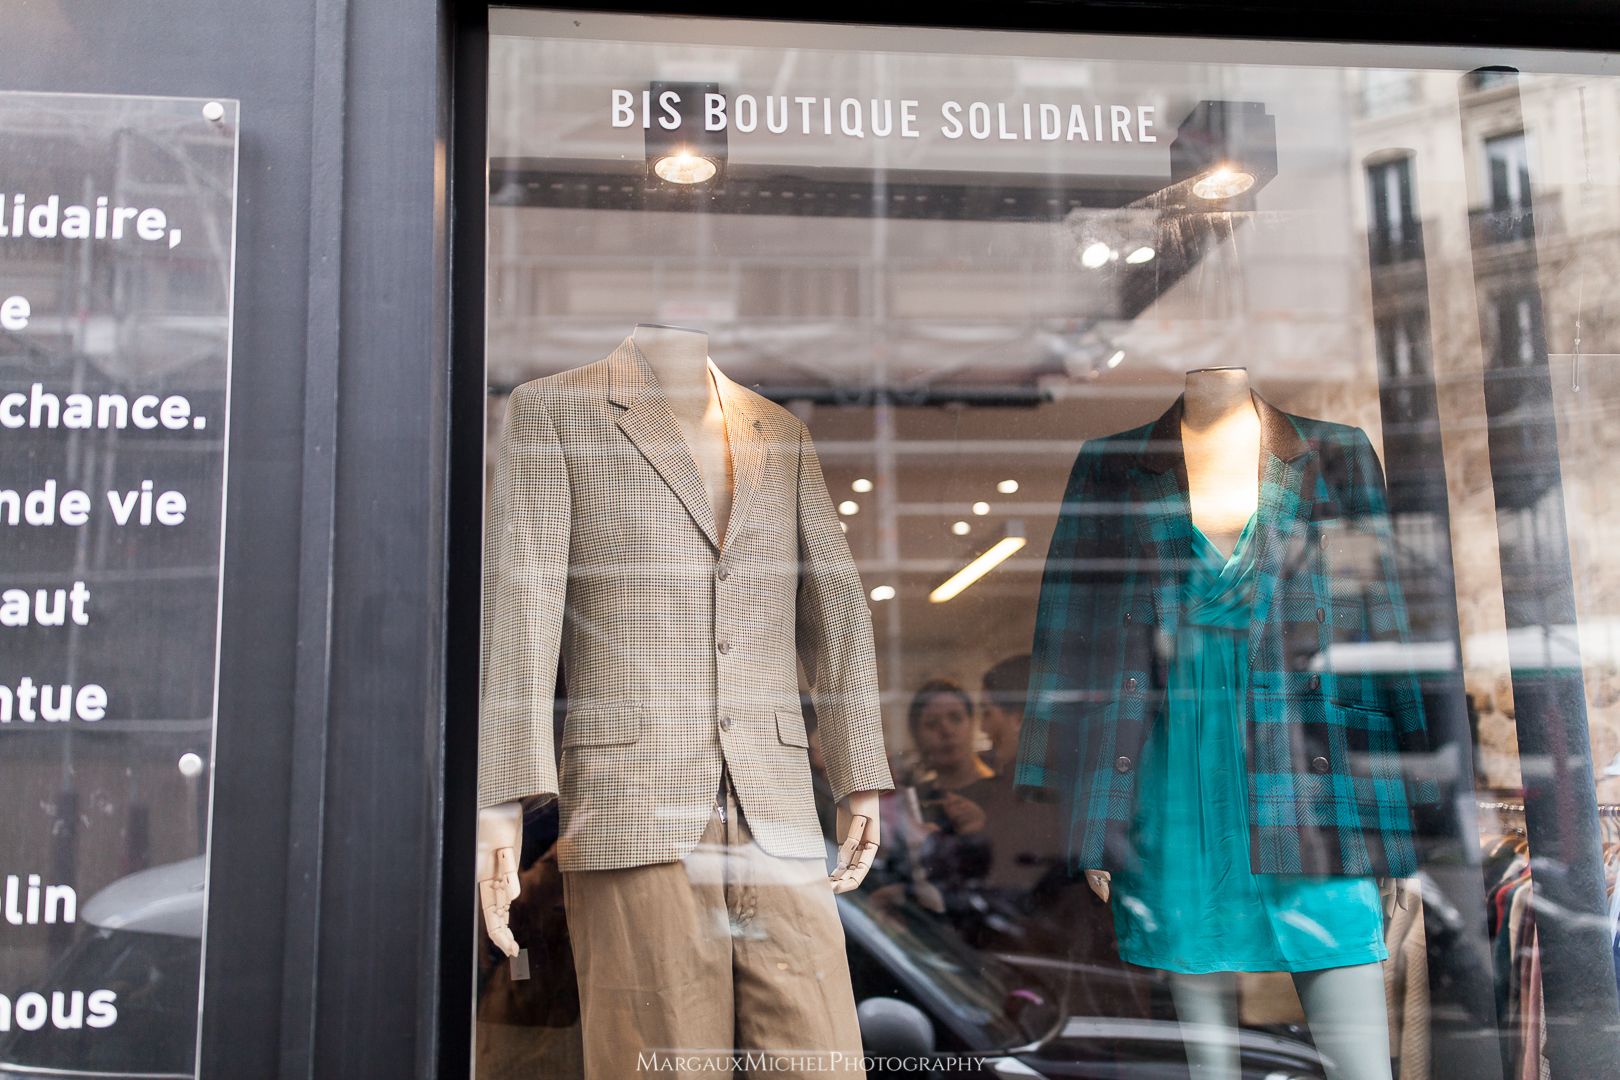 Une boutique deux fois plus solidaire !